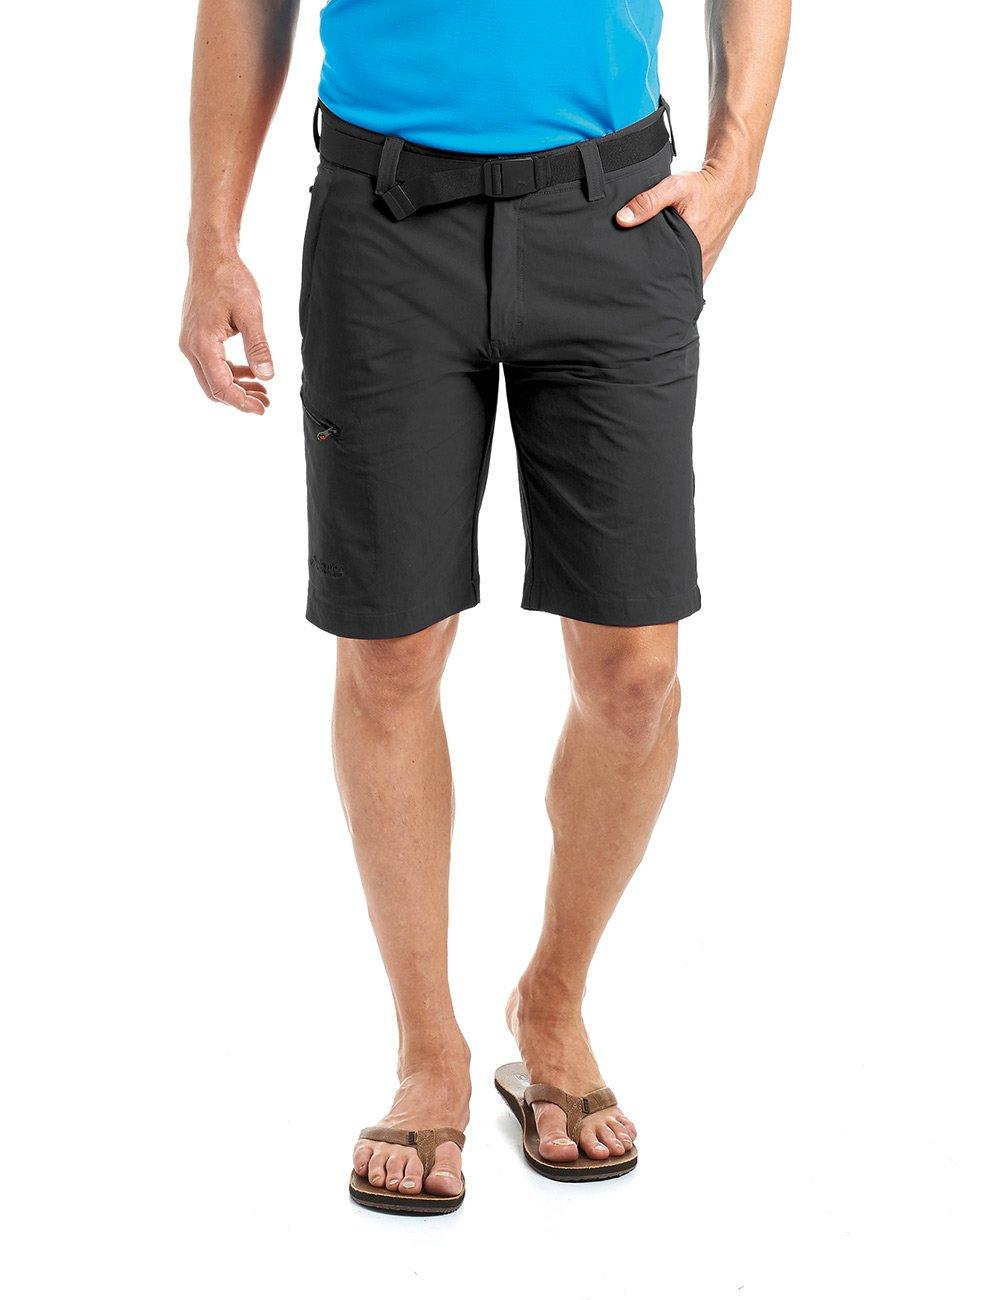 MAIER SPORTS Herren Bermuda, Outdoorhose  Funktionshose  Shorts inkl. Gürtel, bi-elastisch, schnelltrocknend und wasserabweisend,